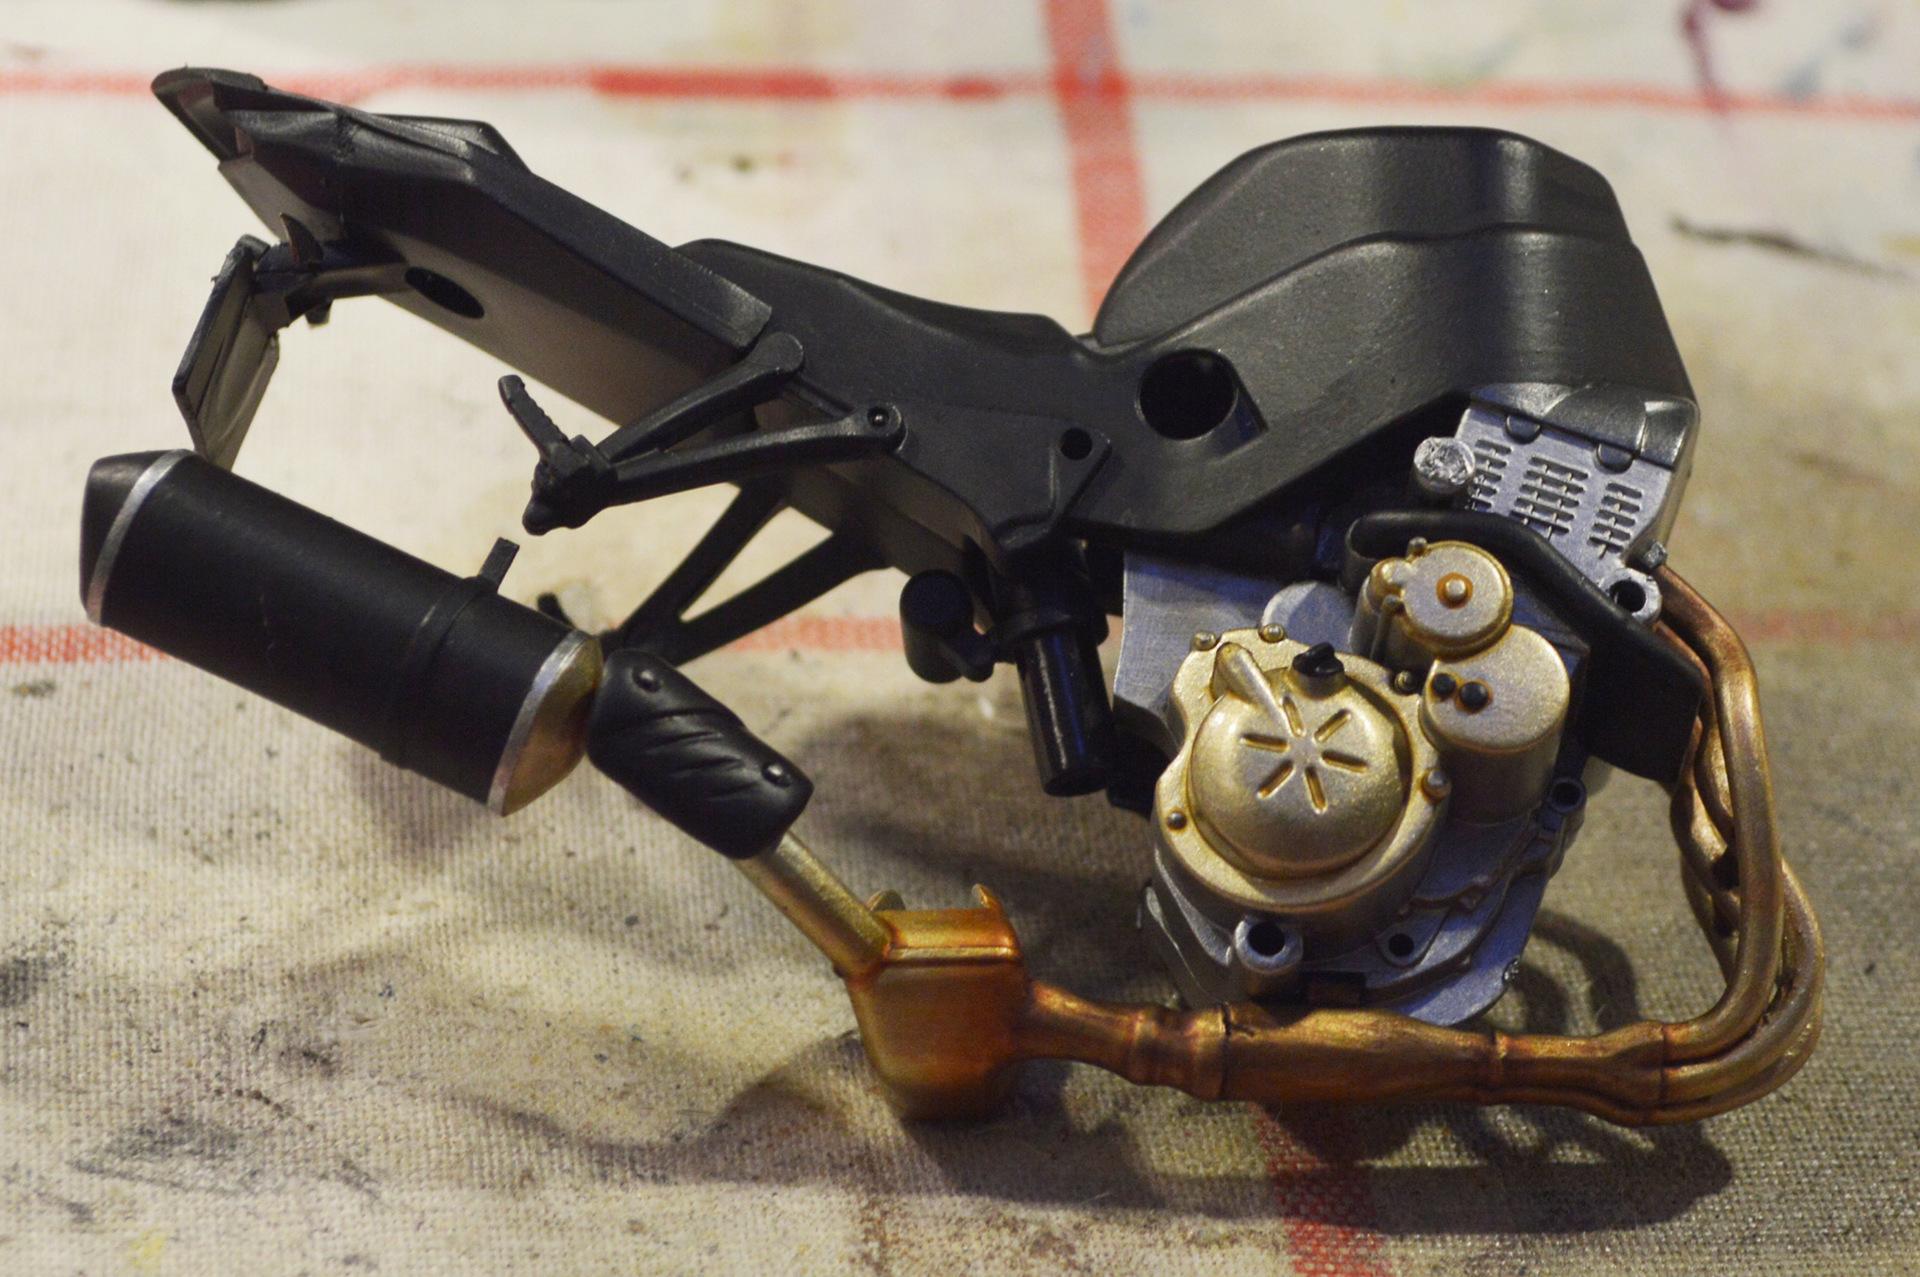 [Moto] Conversion et kit de maquette - Page 2 Dsc_3310